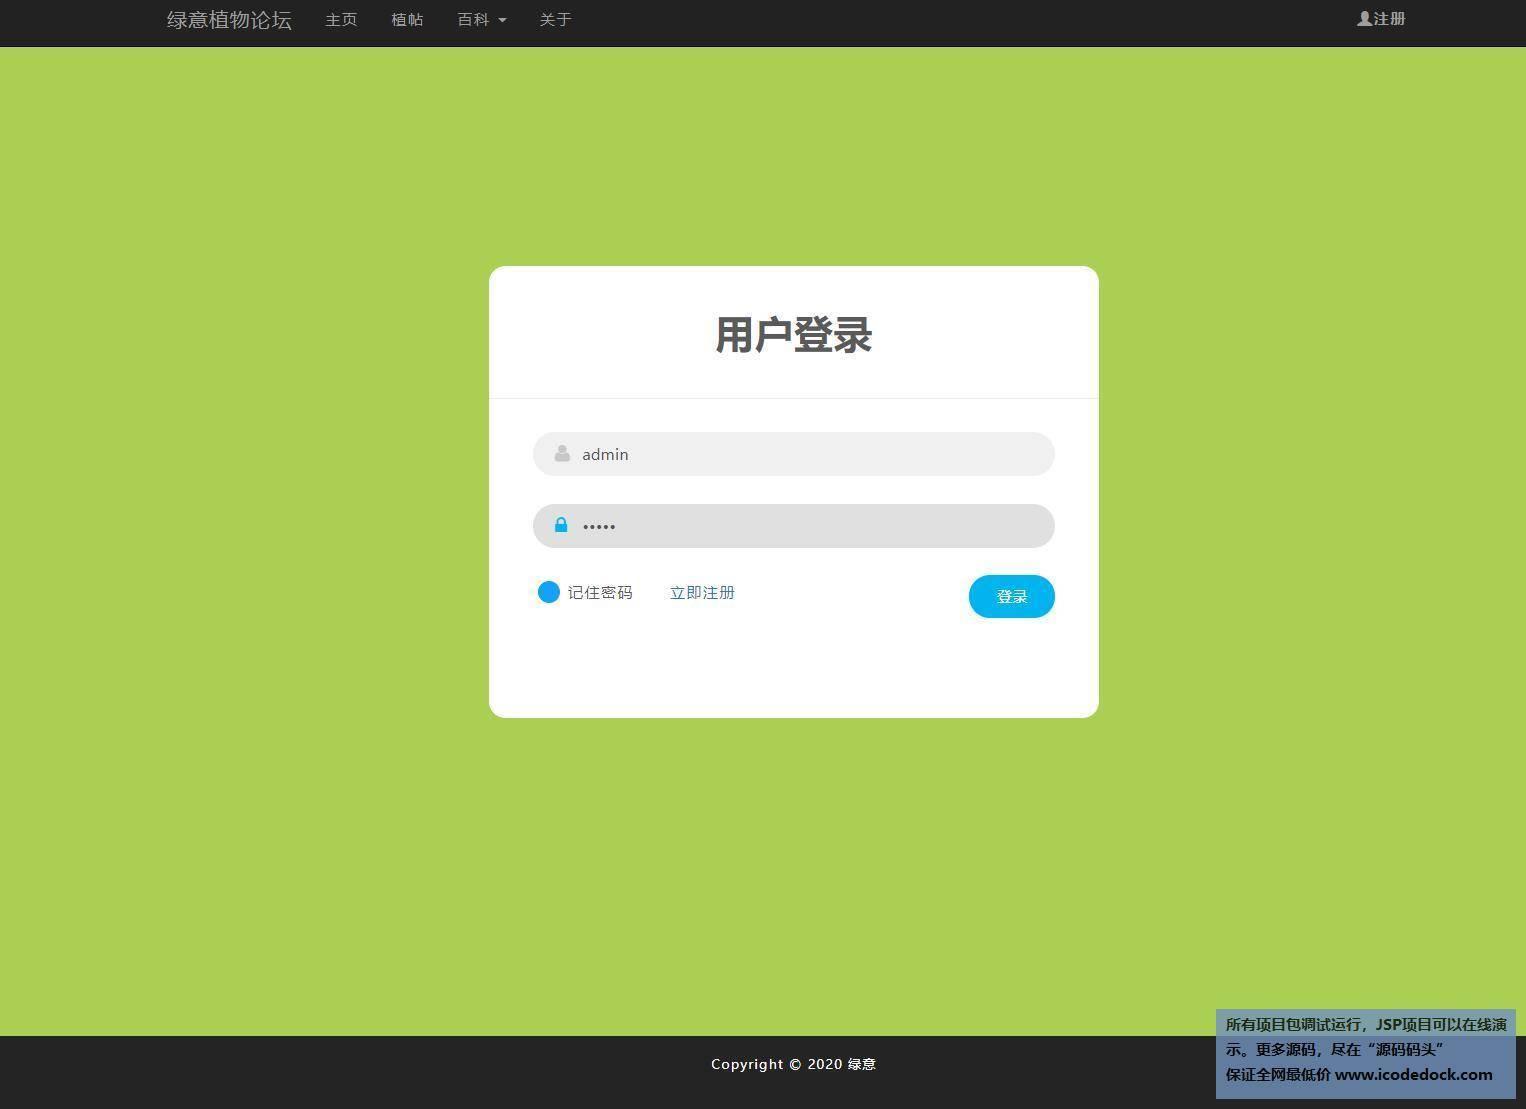 源码码头-JSP植物知识分享论坛系统-管理员角色-管理员登录